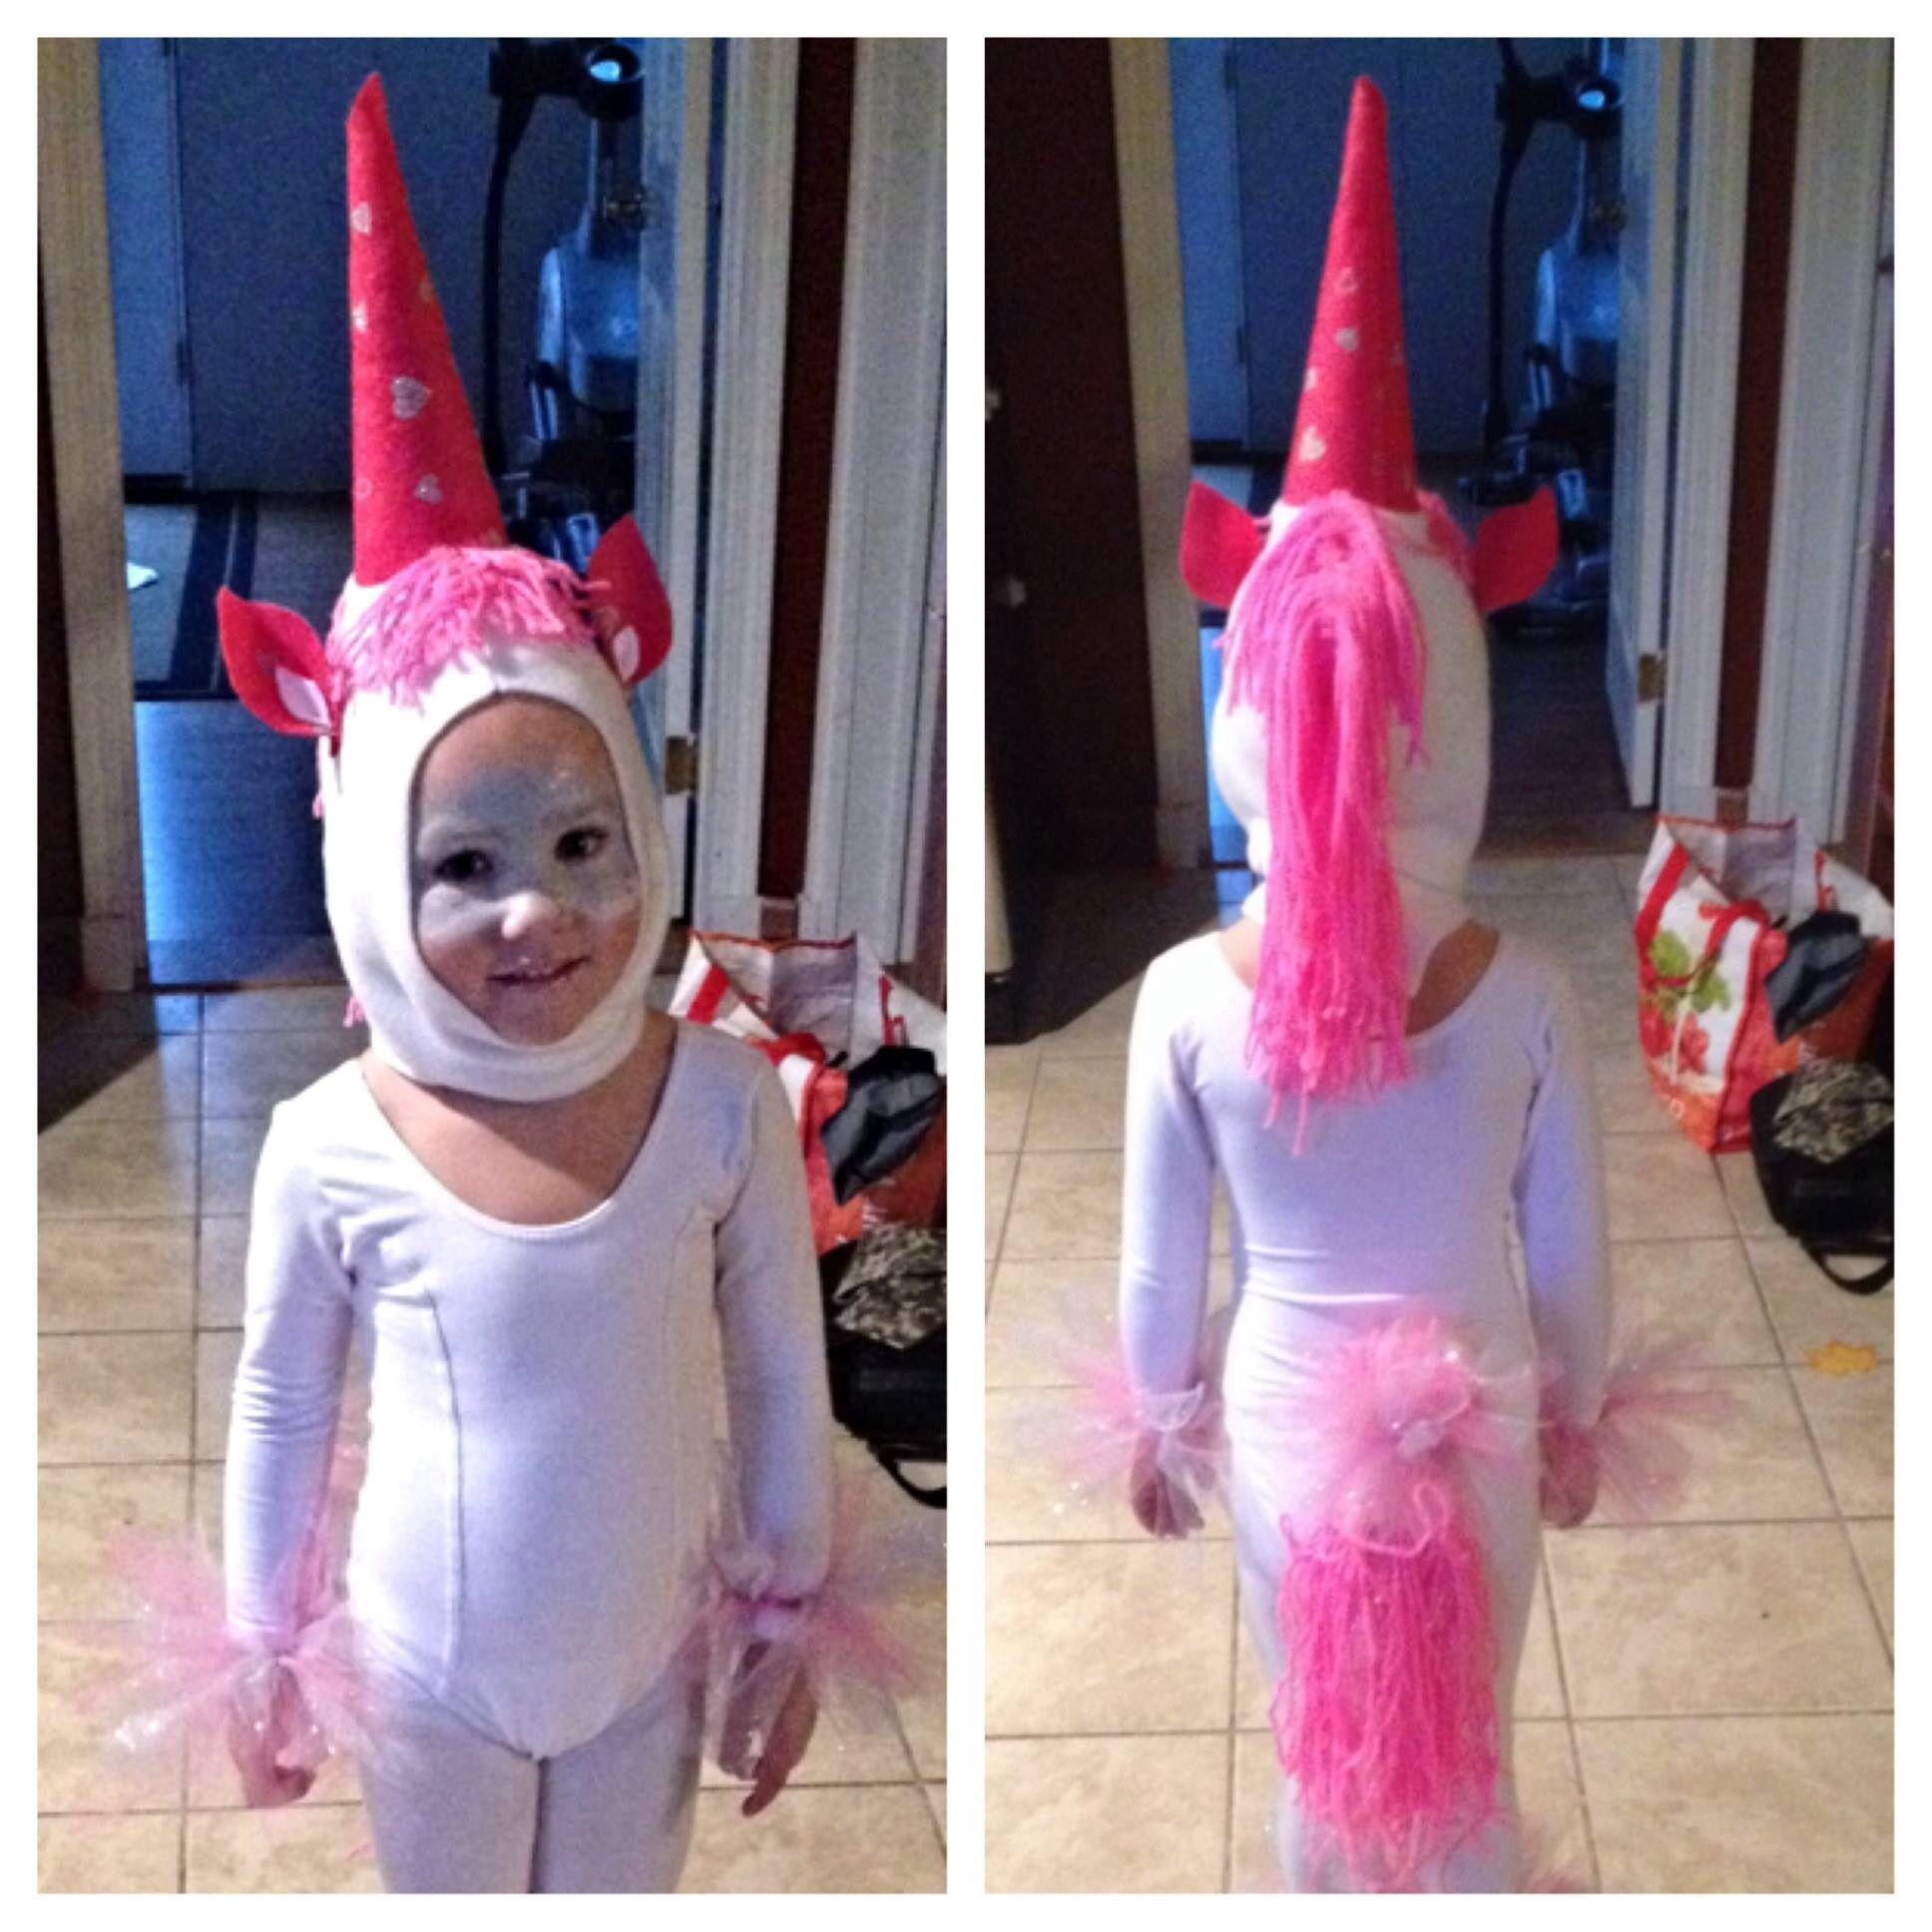 Homemade unicorn costume  sc 1 st  Pinterest & Homemade unicorn costume | Girl unicorn | Pinterest | Costumes ...